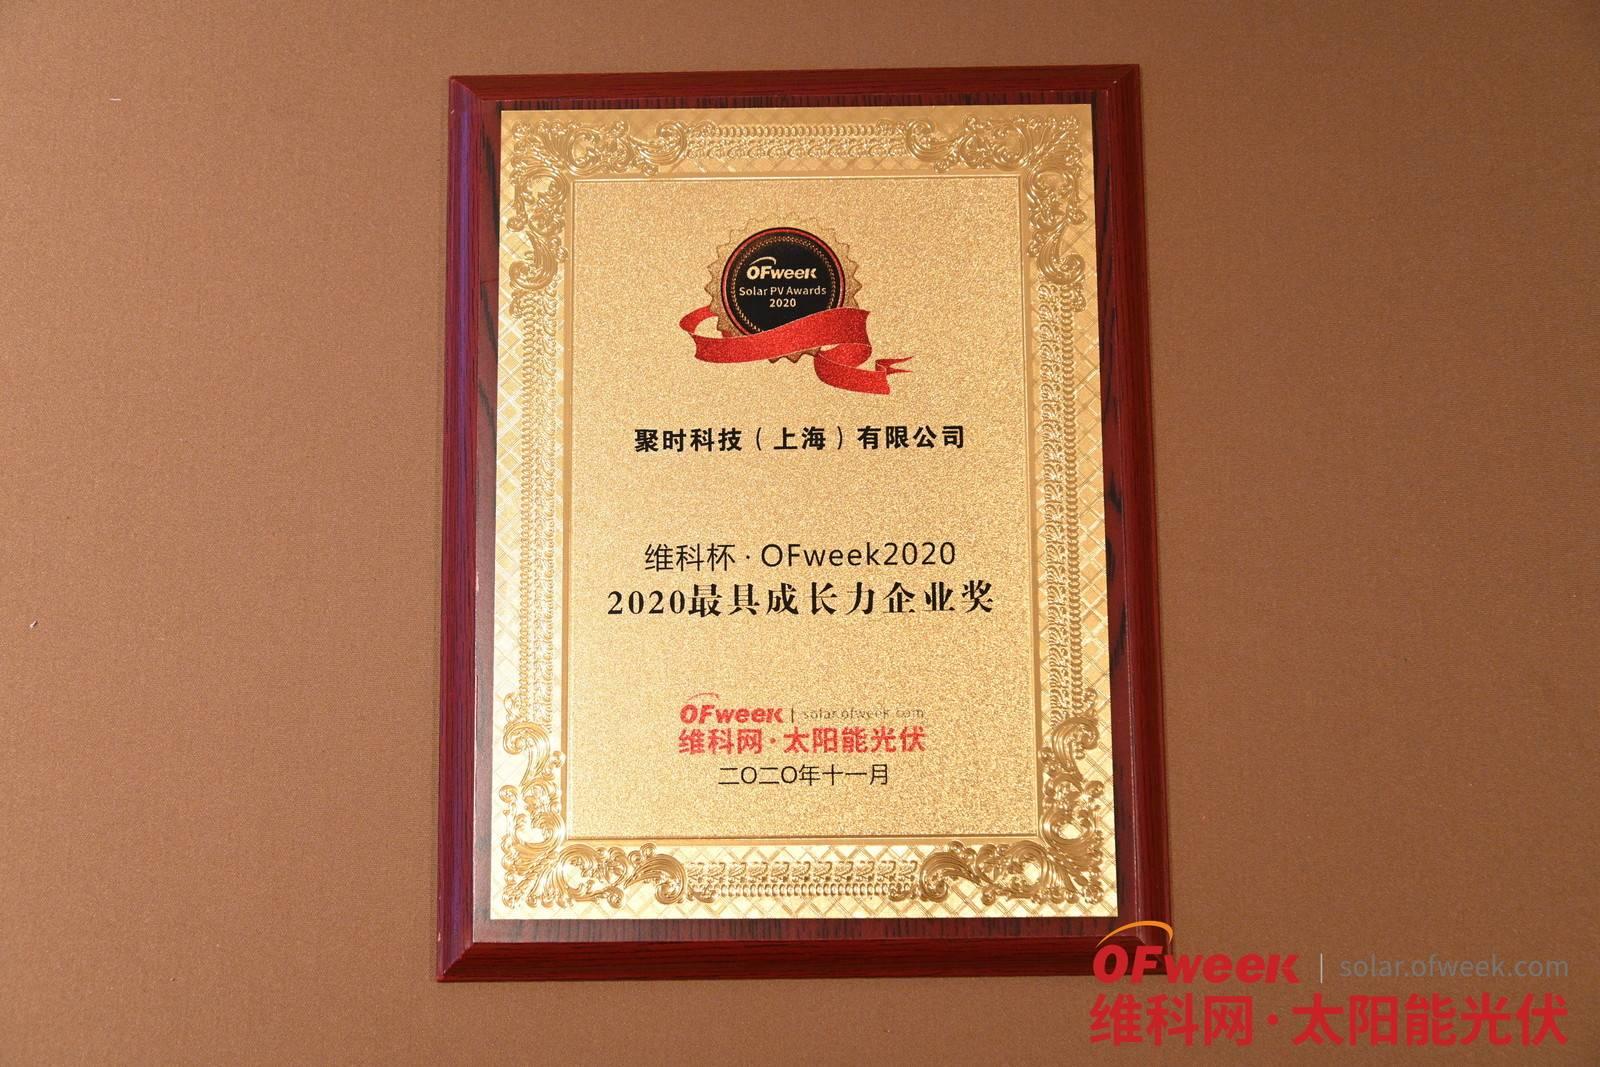 聚时科技(上海)有限公司荣获维科杯·OFweek 2020最具成长力企业奖